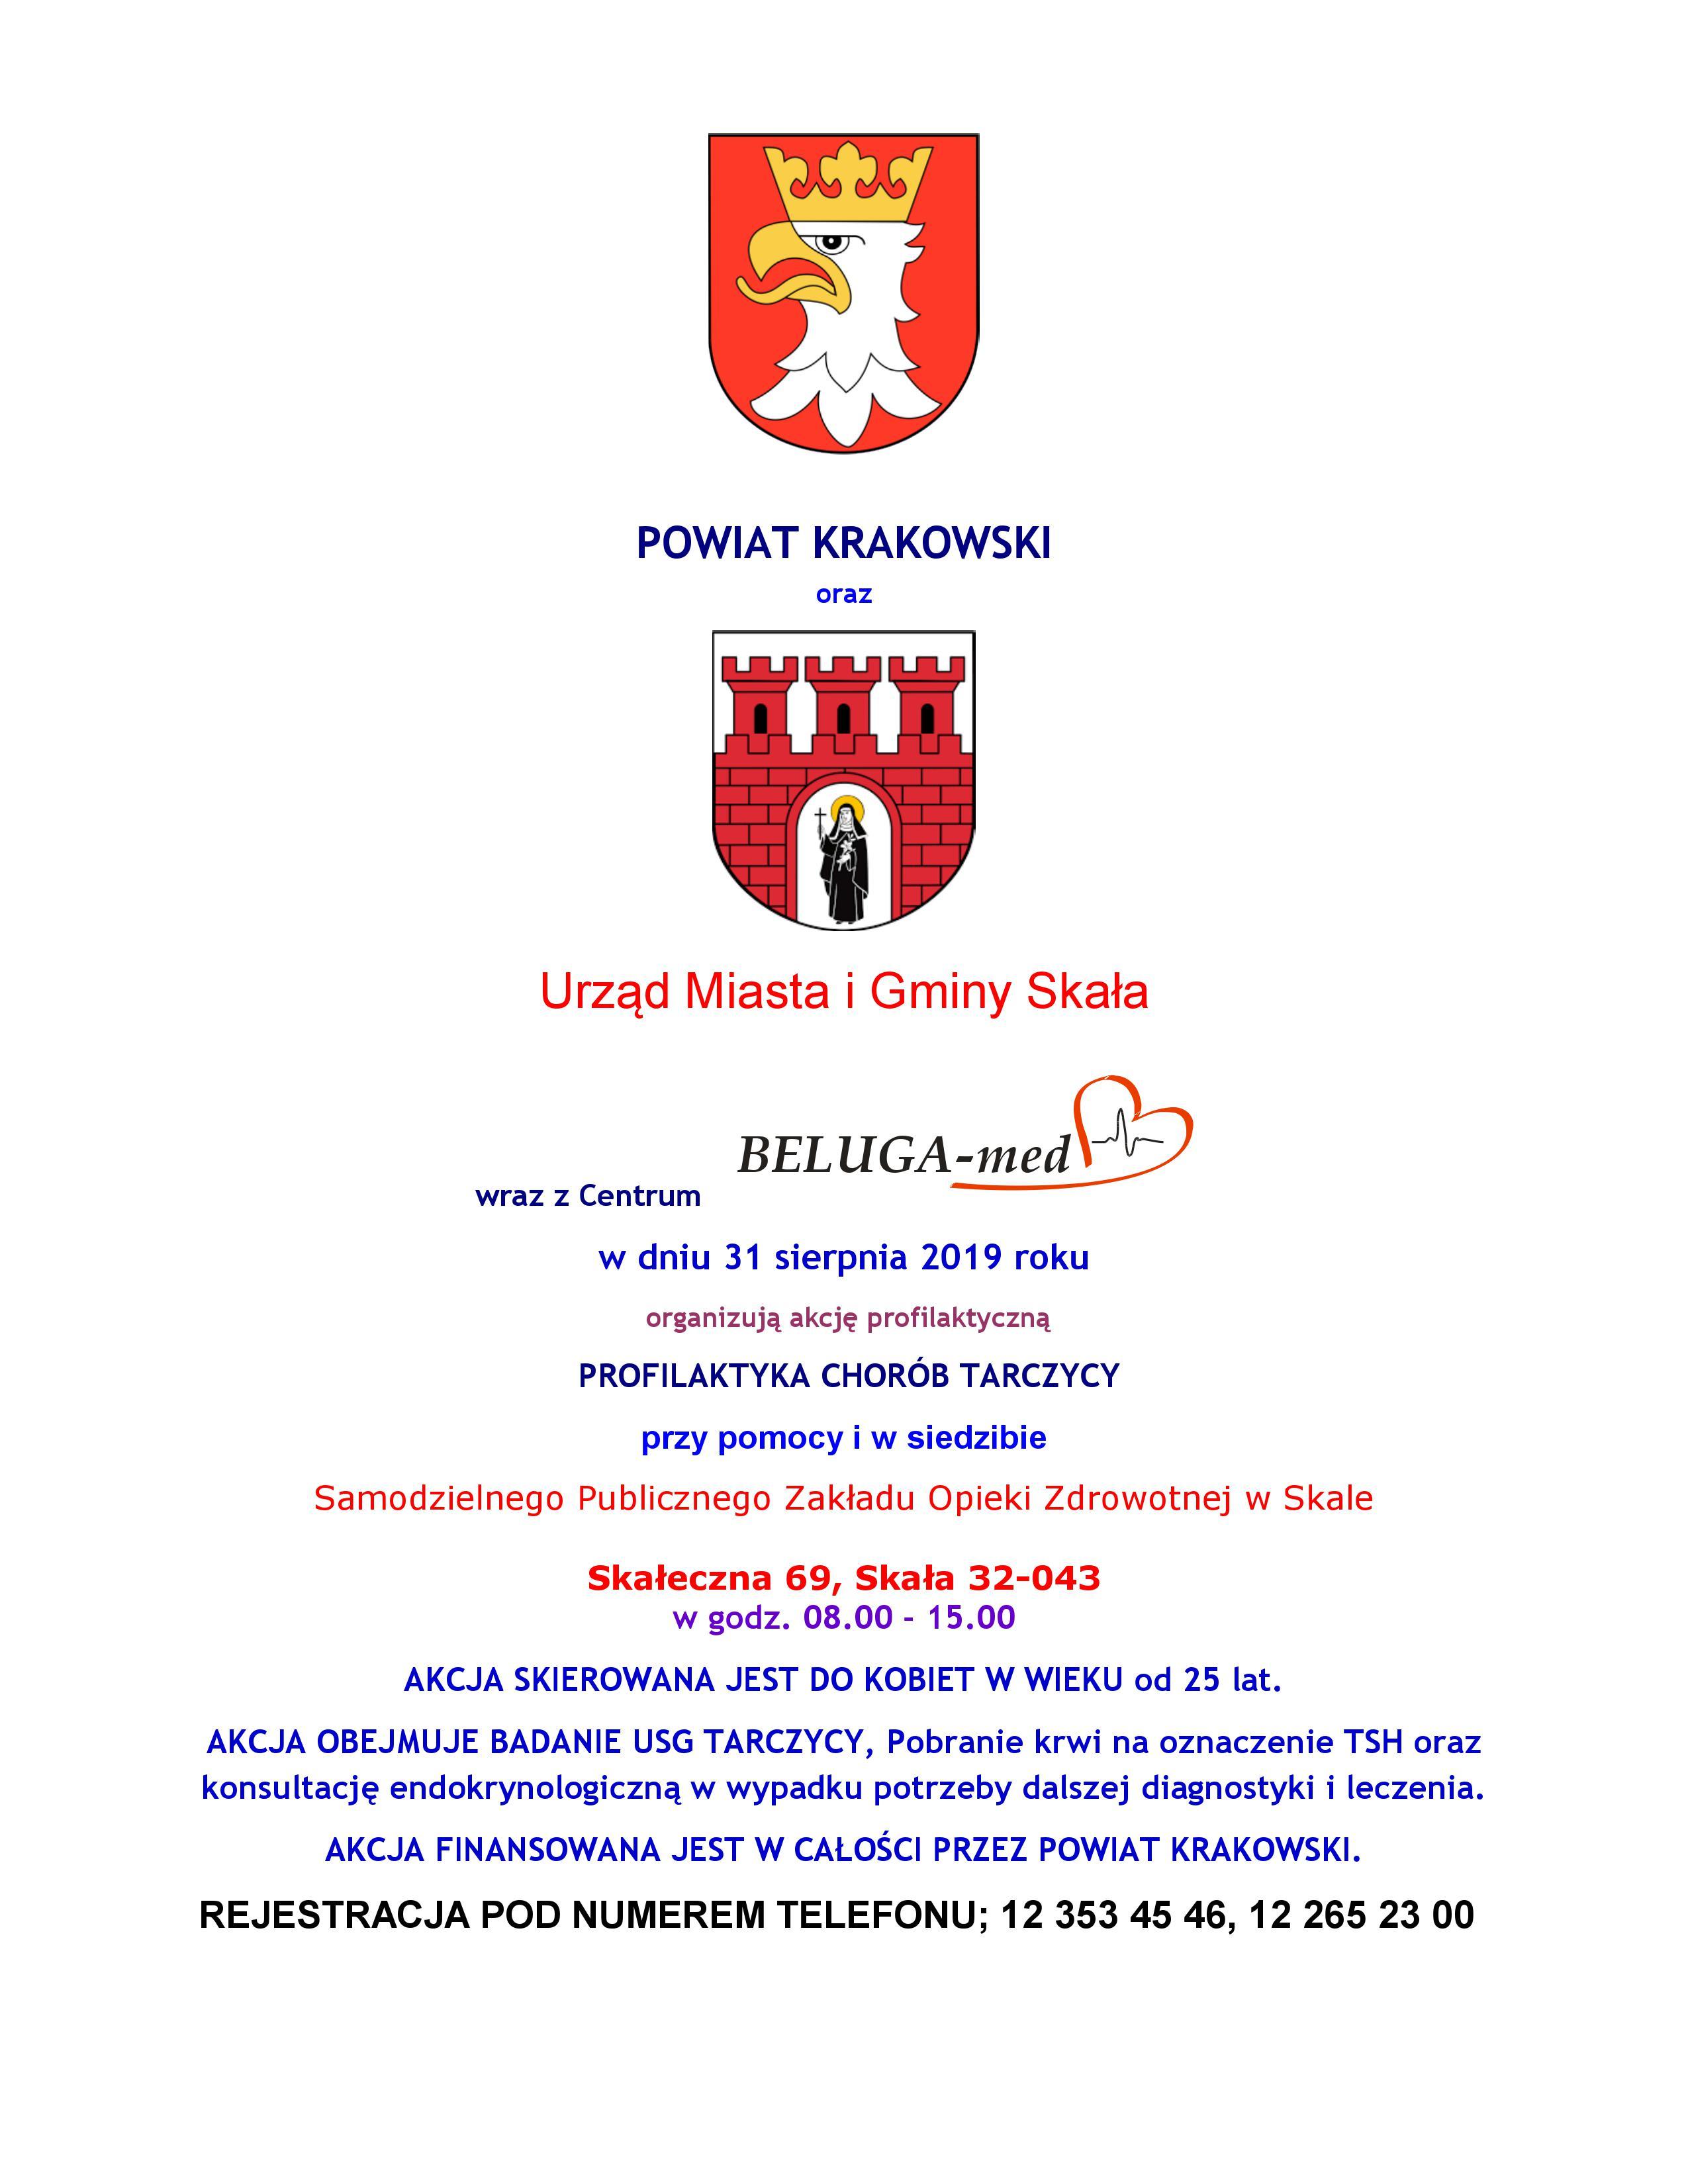 Akcja zdrowotna - Profilaktyka chorób tarczycy @ Samodzielny Publiczny Zakład Opieki Zdrowotnej | małopolskie | Polska